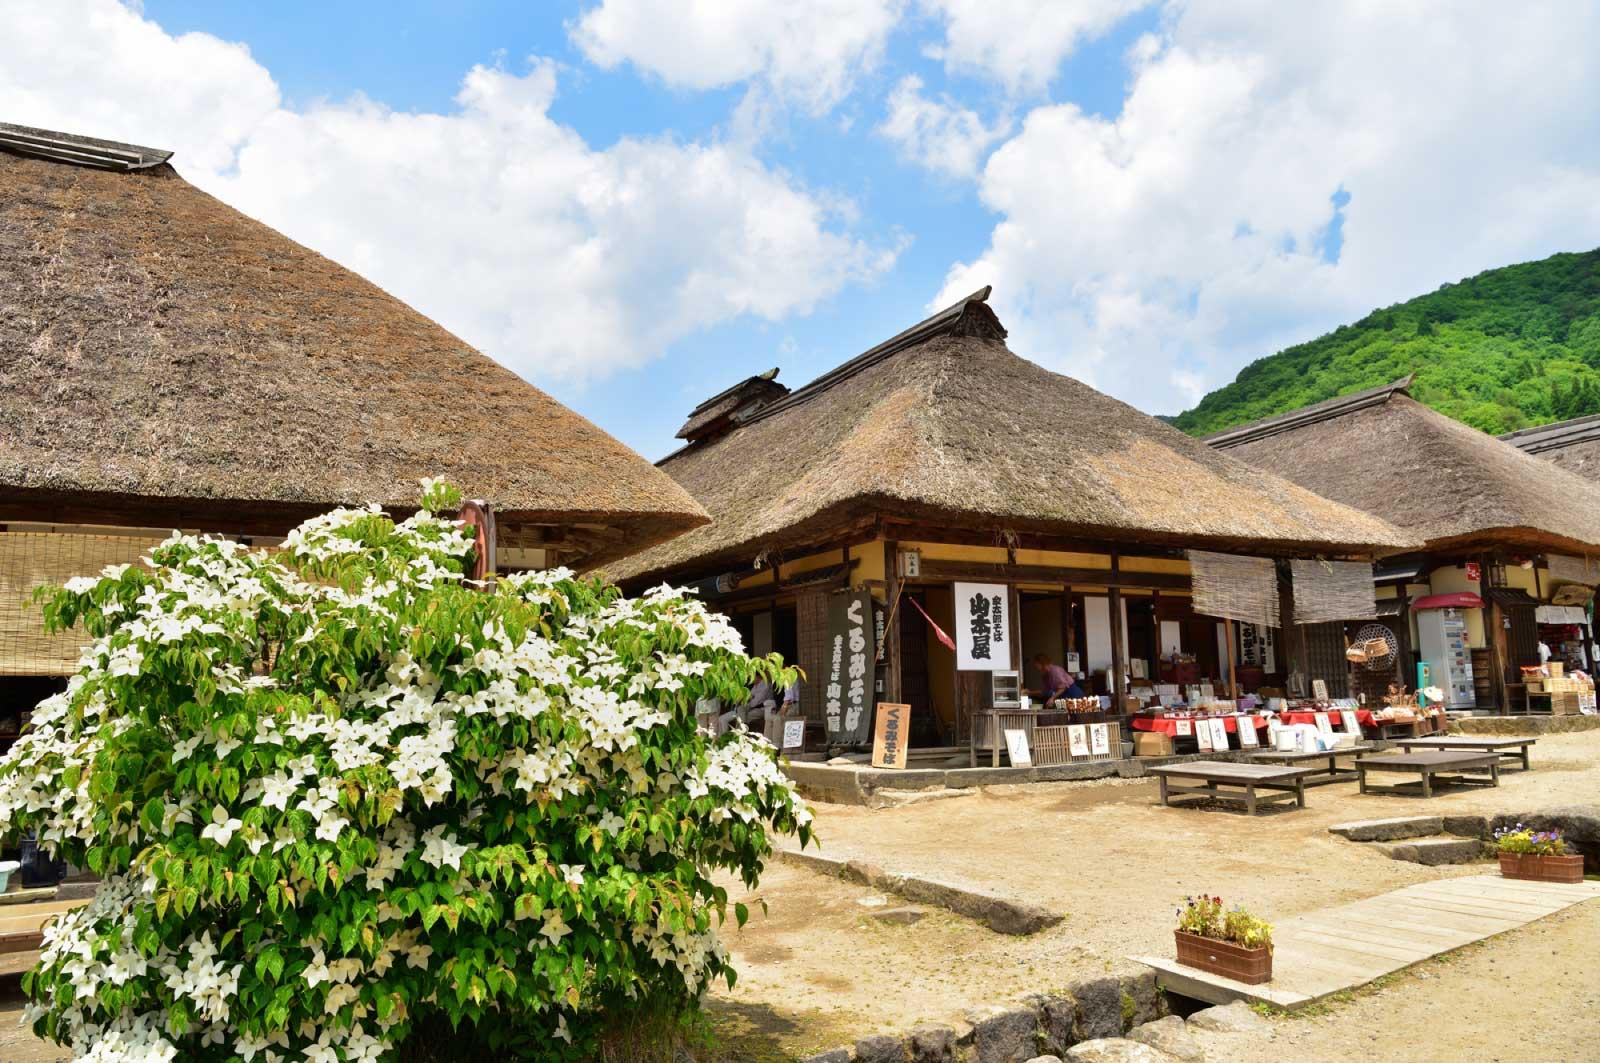 農村の集落をこれほどまでに保存、再現している場所はほかにもあまりない